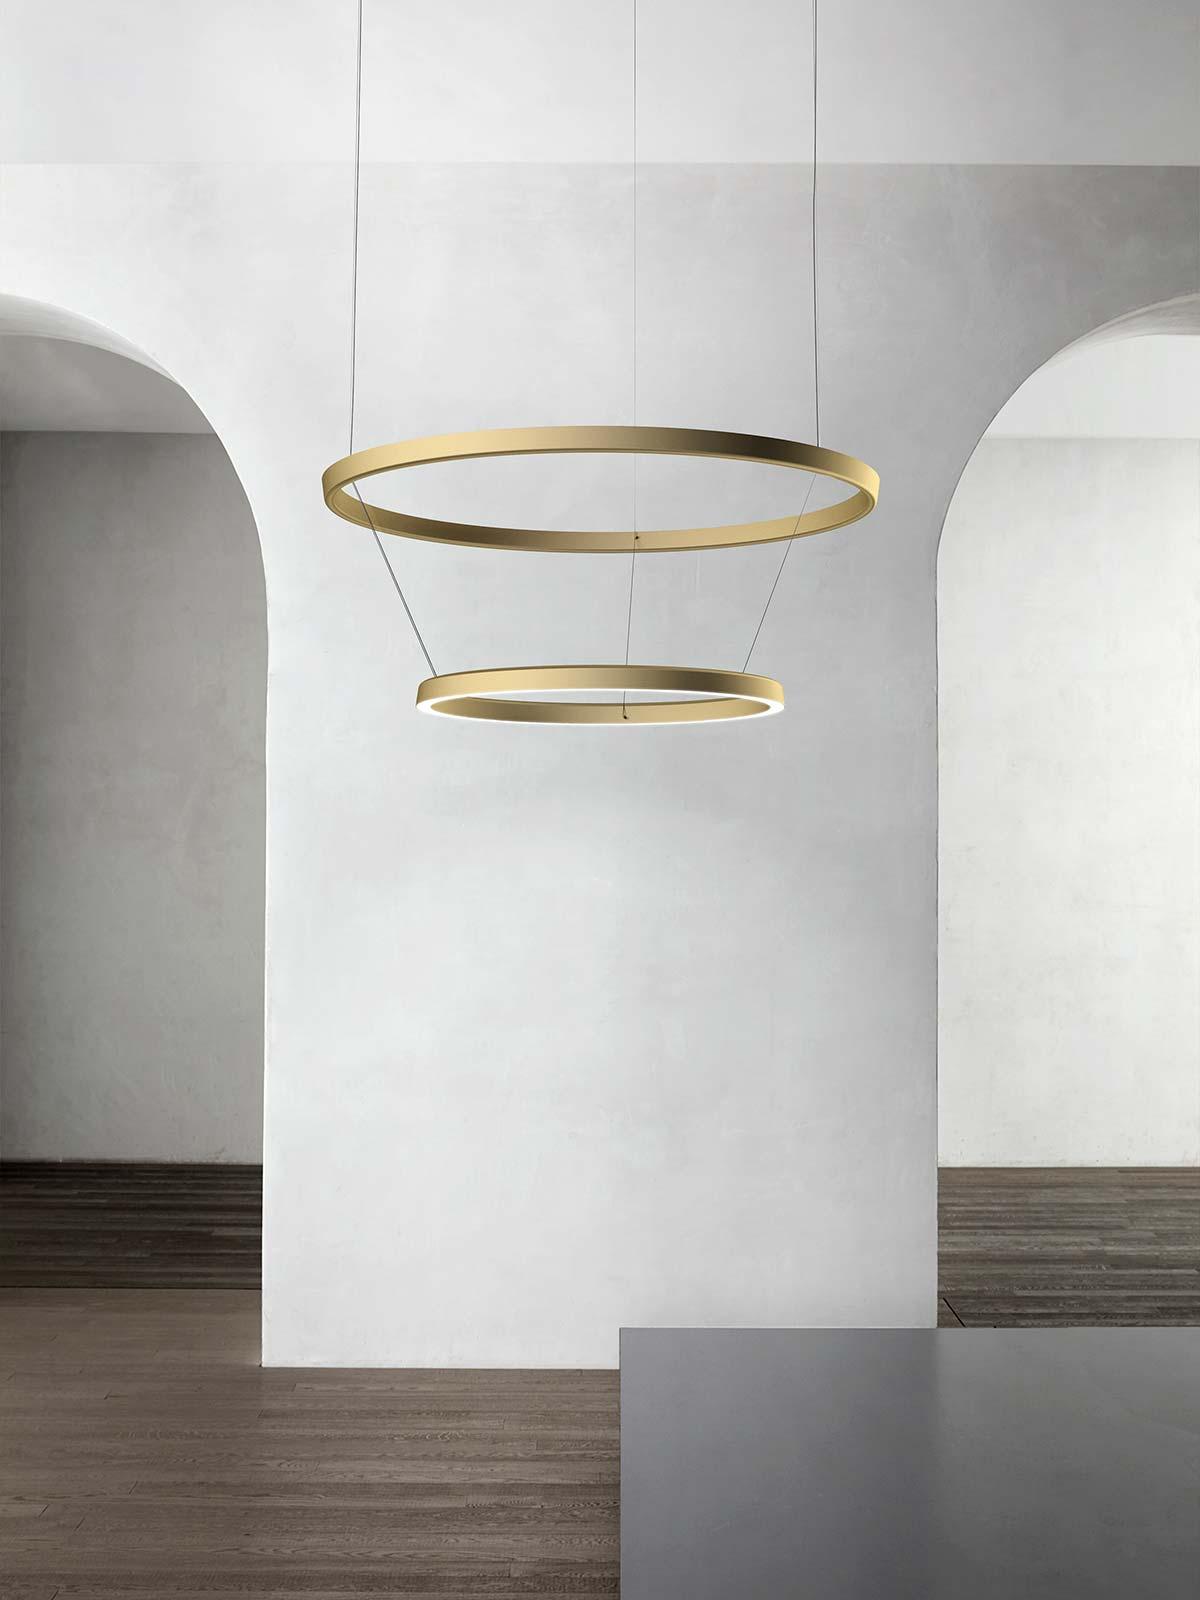 Compendium circle by Luceplan, design Daniel Rybakken